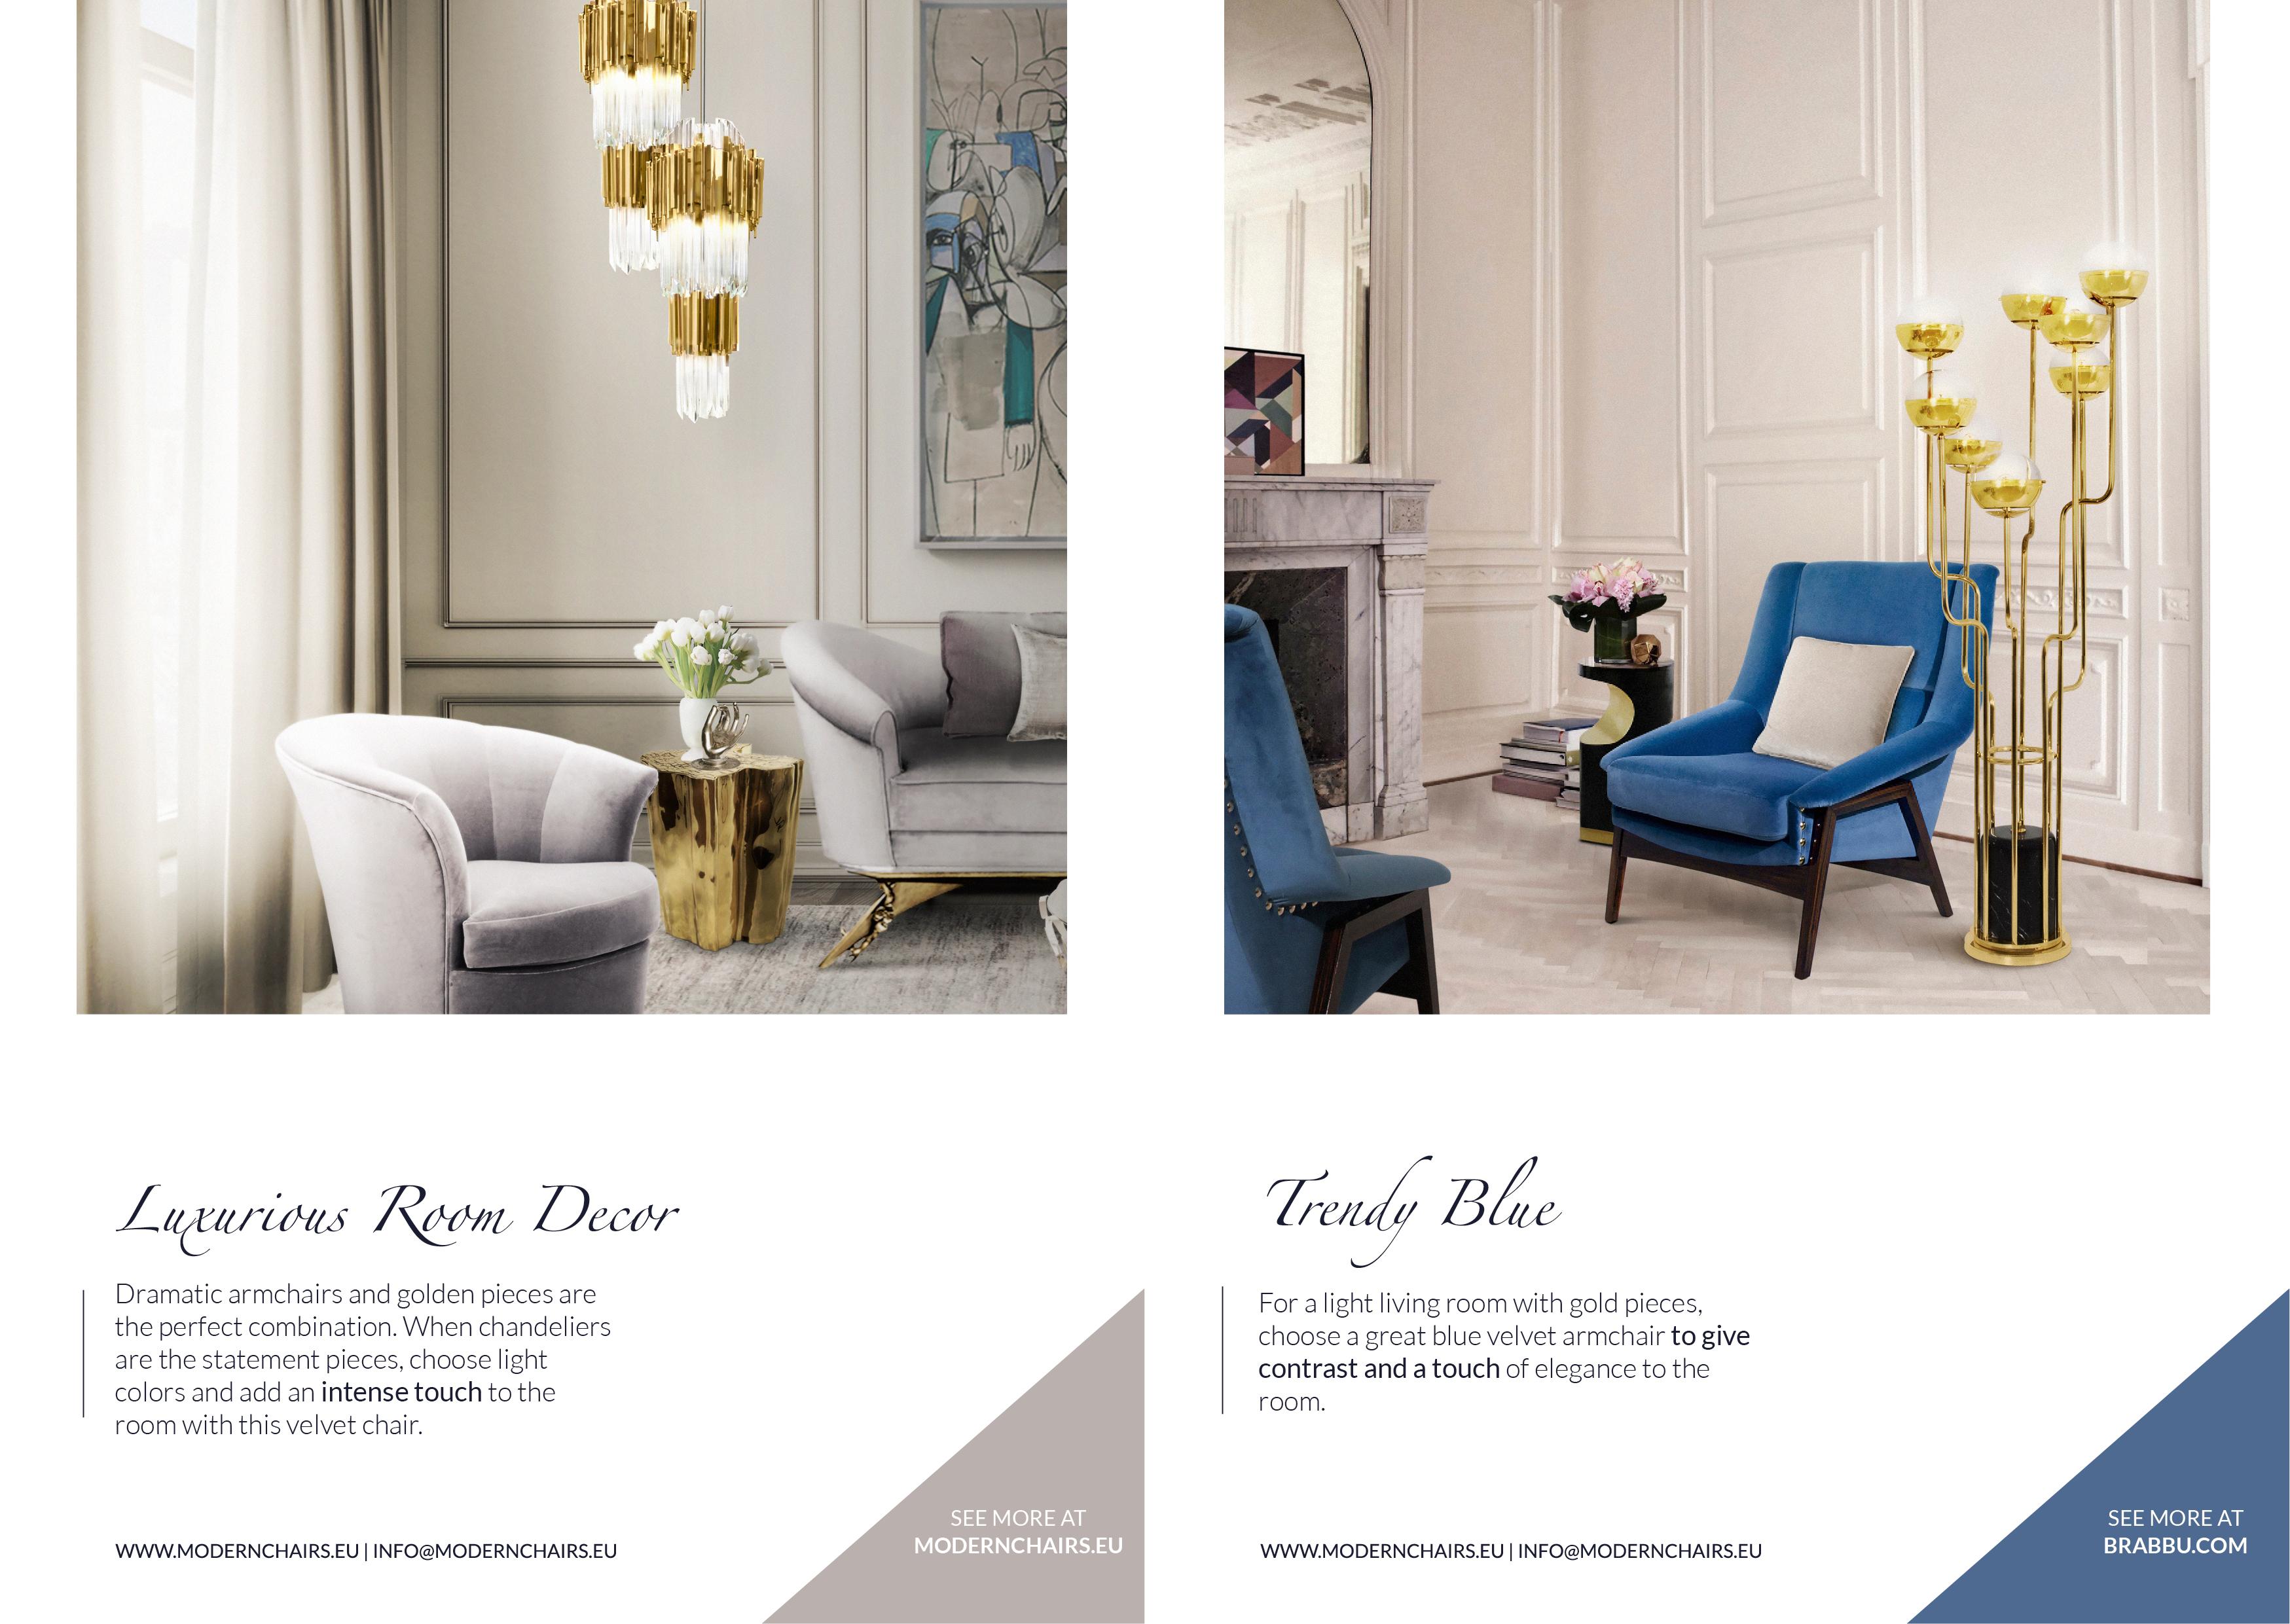 how to choose the right velvet chairs 3 velvet chairs How to choose the right velvet chairs – a luxury style ebook how to choose the right velvet chair 3